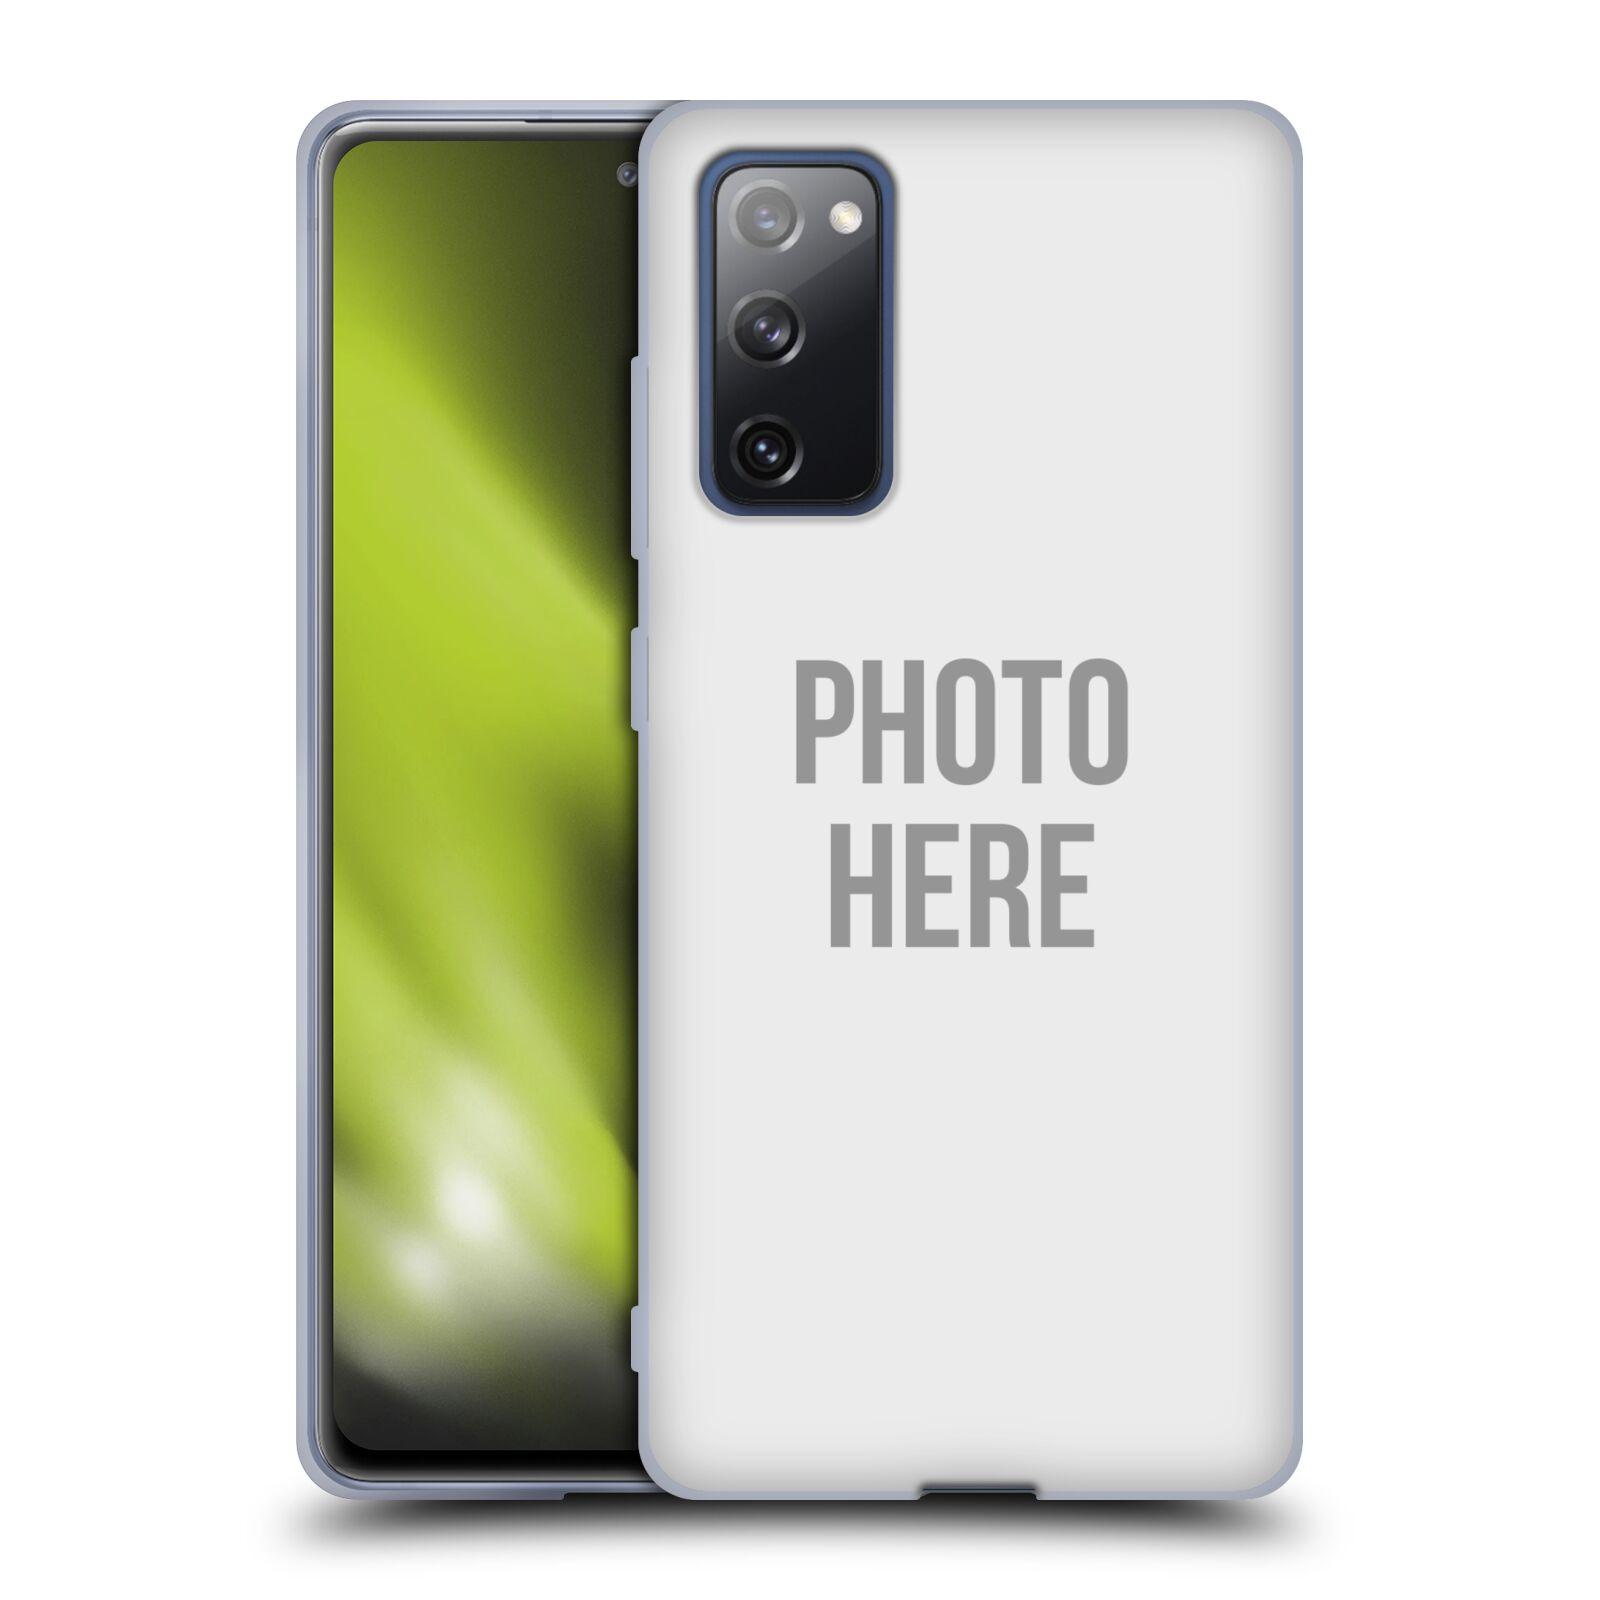 Silikonové pouzdro na mobil Samsung Galaxy S20 FE s vlastním motivem